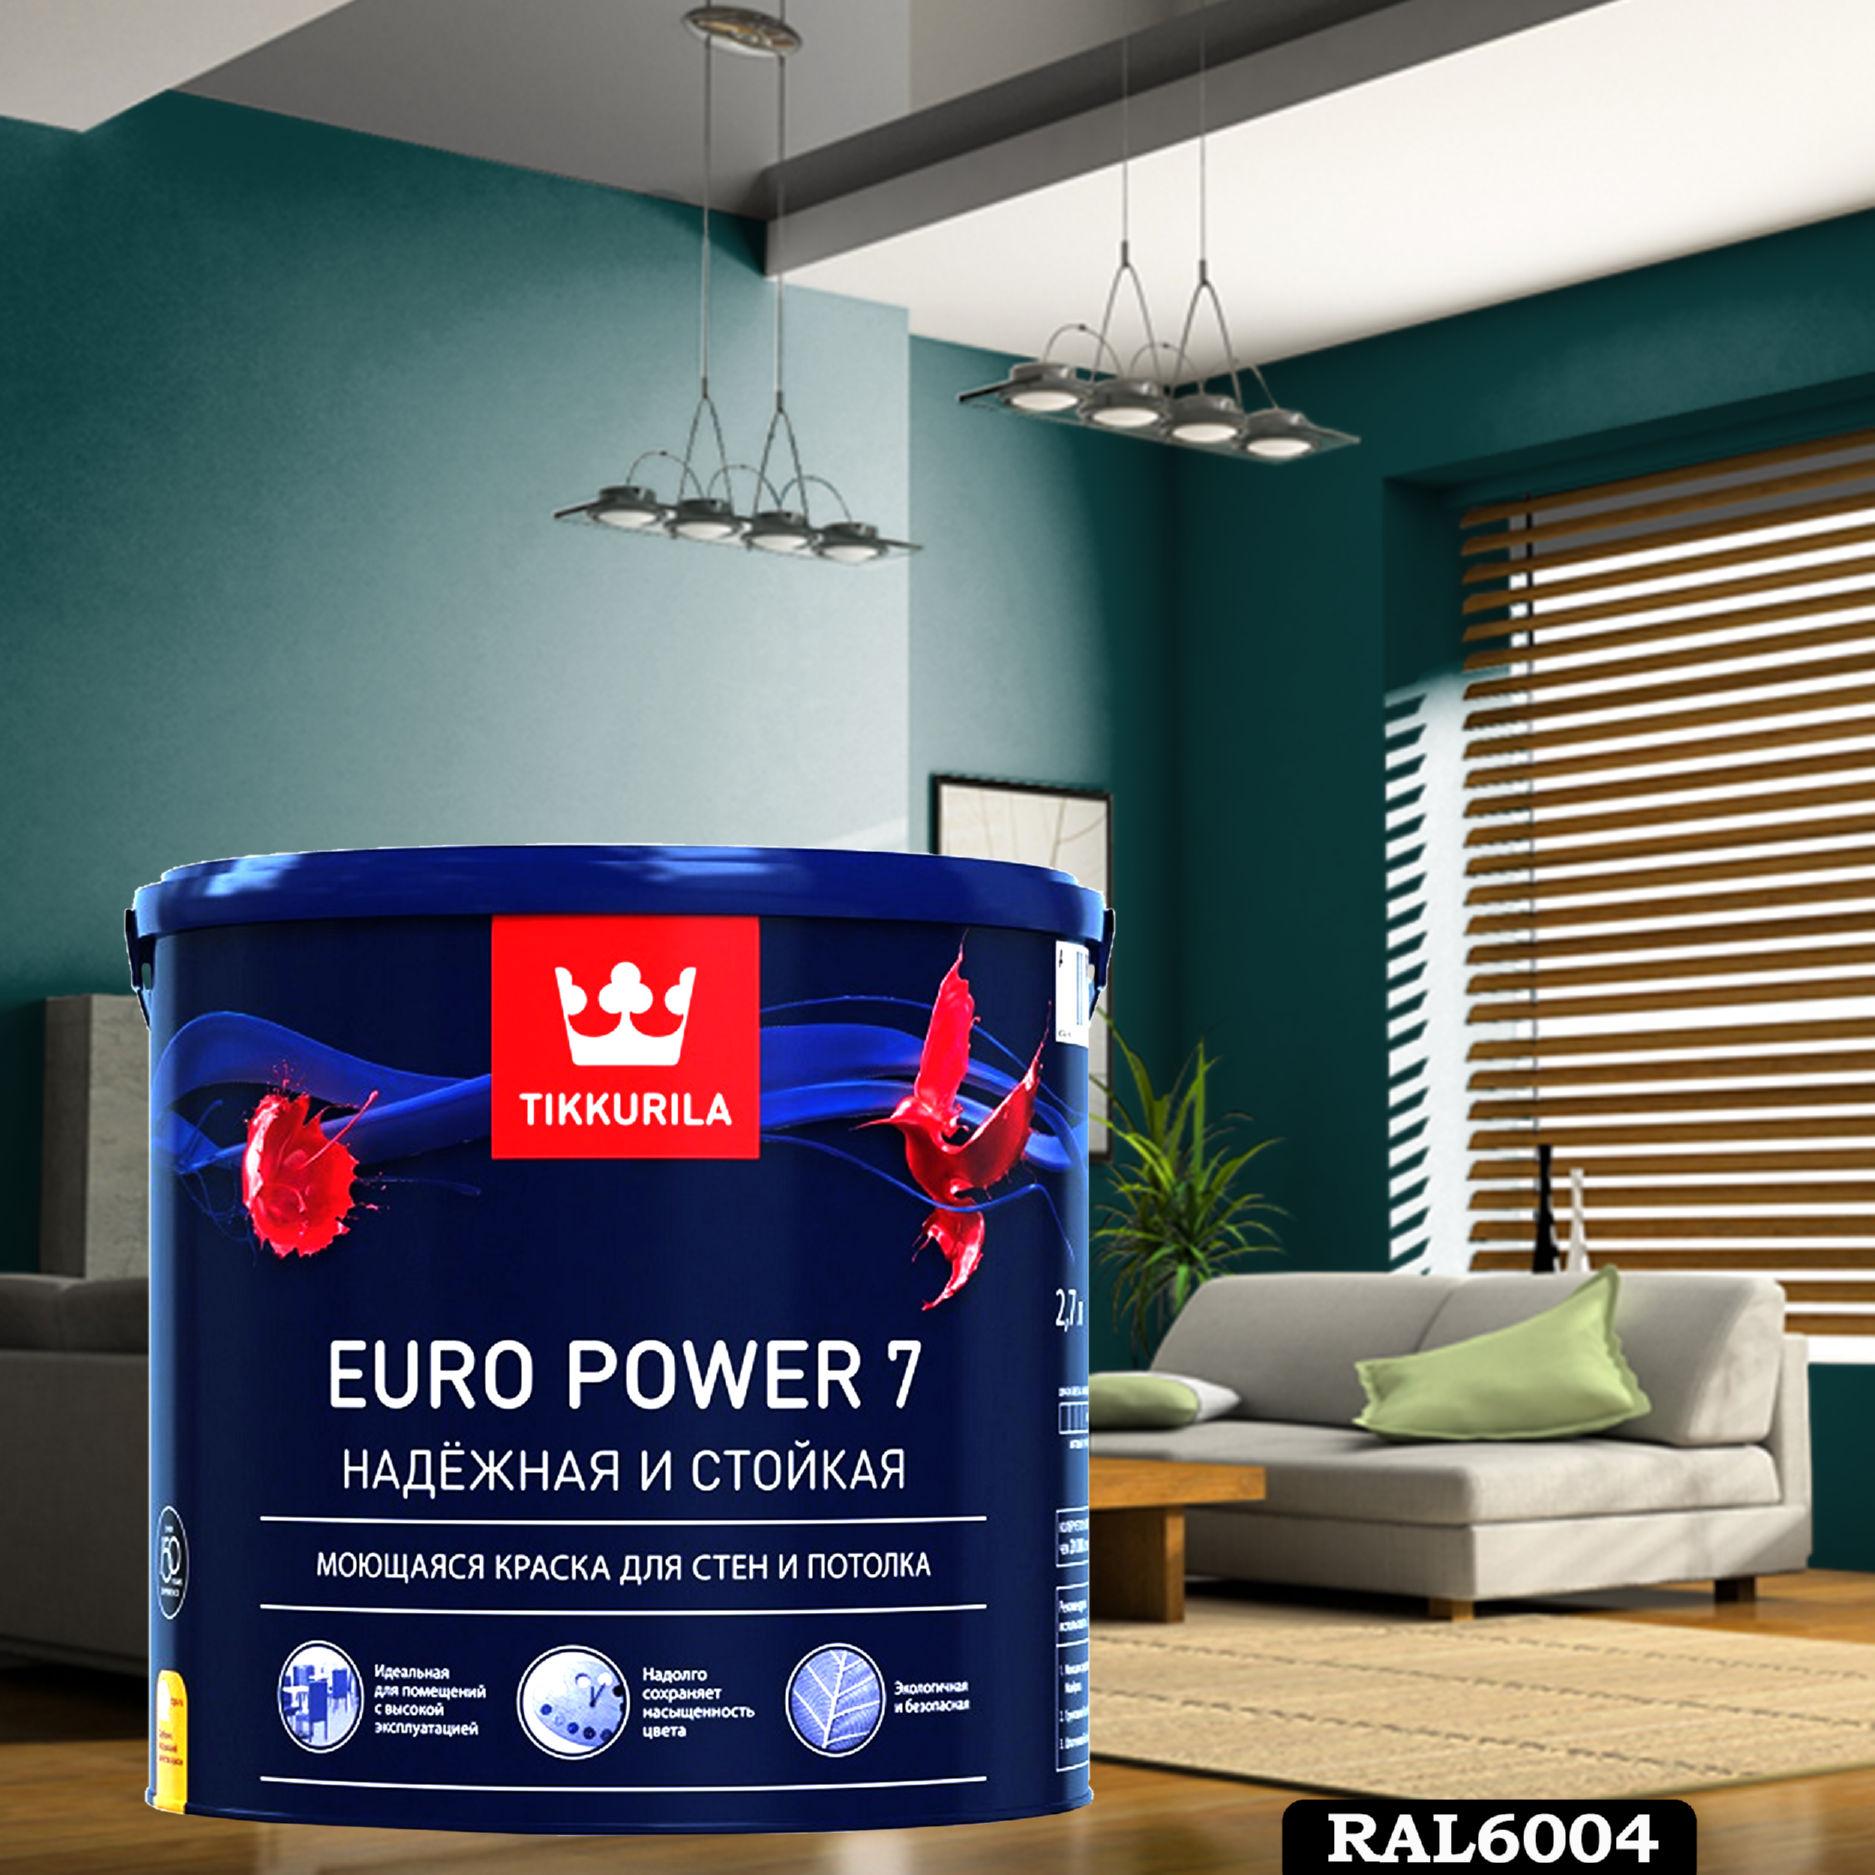 Фото 5 - Краска TIKKURILA Euro Power 7,  RAL 6004 Сине-зеленый, латексная моющаяся матовая интерьерная, 9 л.